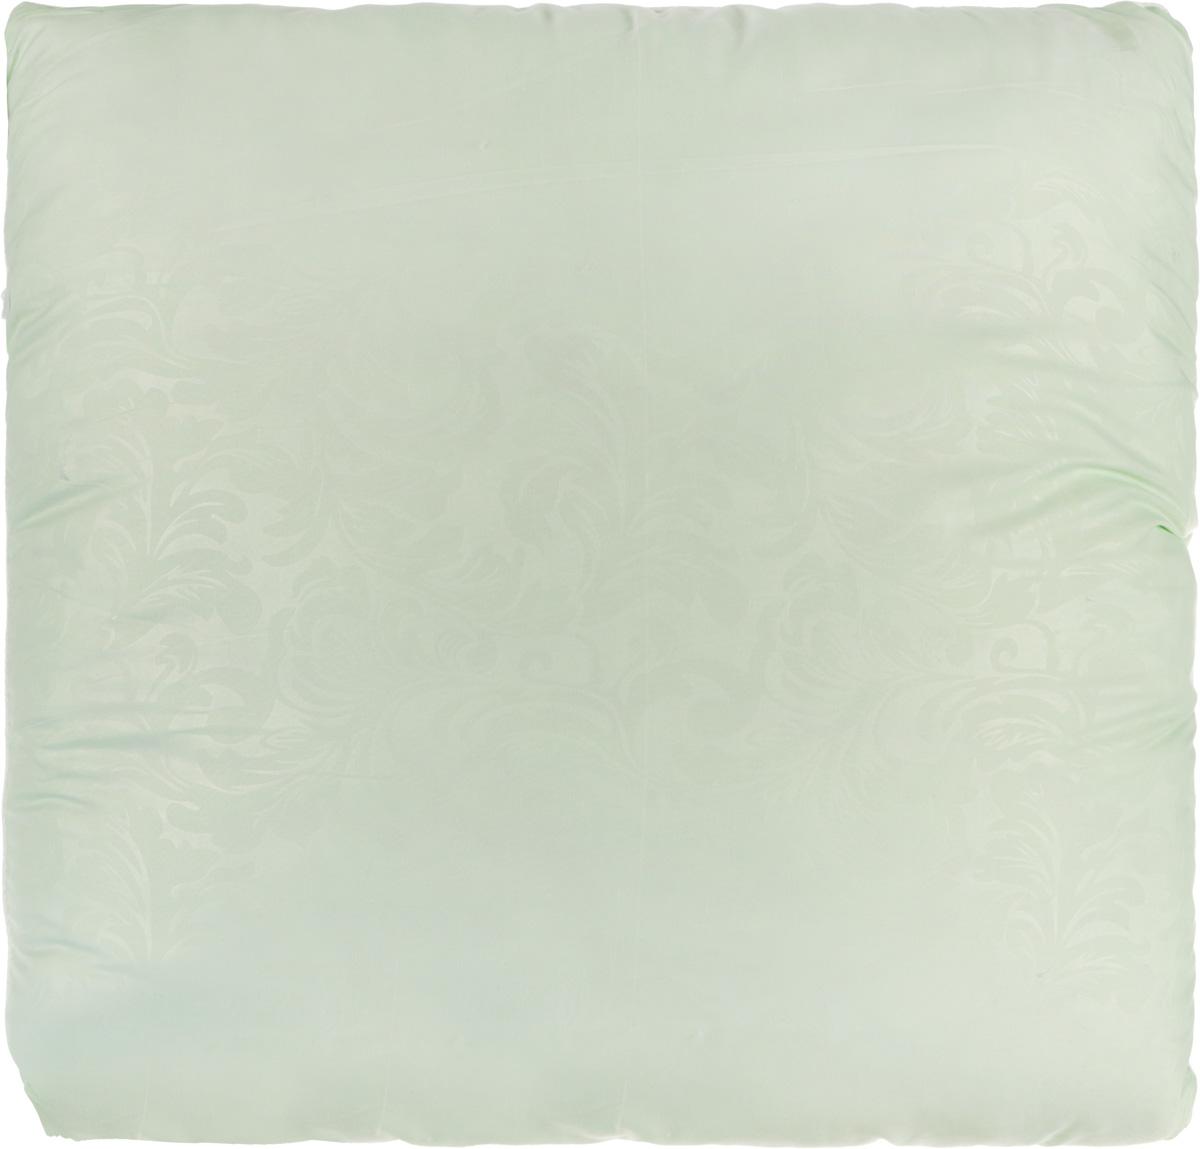 Подушка Smart Textile Безмятежность, наполнитель: лебяжий пух, алоэ вера, цвет: светло-зеленый, 70 х 70 смНВЛ-45 CatsУдобная и мягкая подушка Smart Textile Безмятежность подарит здоровый сон и отличный отдых. Чехол подушки на молнии выполнен из микрофибры с красивым узором. В качестве наполнителя используется лебяжий пух, пропитанный экстрактом алоэ вера. Лебяжий пух - это 100% сверхтонкое высокосиликонизированное волокно. Такой наполнитель мягкий, приятный на ощупь и гипоаллергенный. Подушка удобна в эксплуатации: легко стирается, быстро сохнет, сохраняя первоначальные свойства, устойчива к воздействию прямых солнечных лучей, износостойка и прочна. Изделие обладает высокой теплоизоляционной способностью - не вызывает перегрева головы. Подушка обеспечит оптимальную, в меру упругую поддержку головы во время сна. На такой подушке комфортно спать в любую погоду людям всех возрастов.